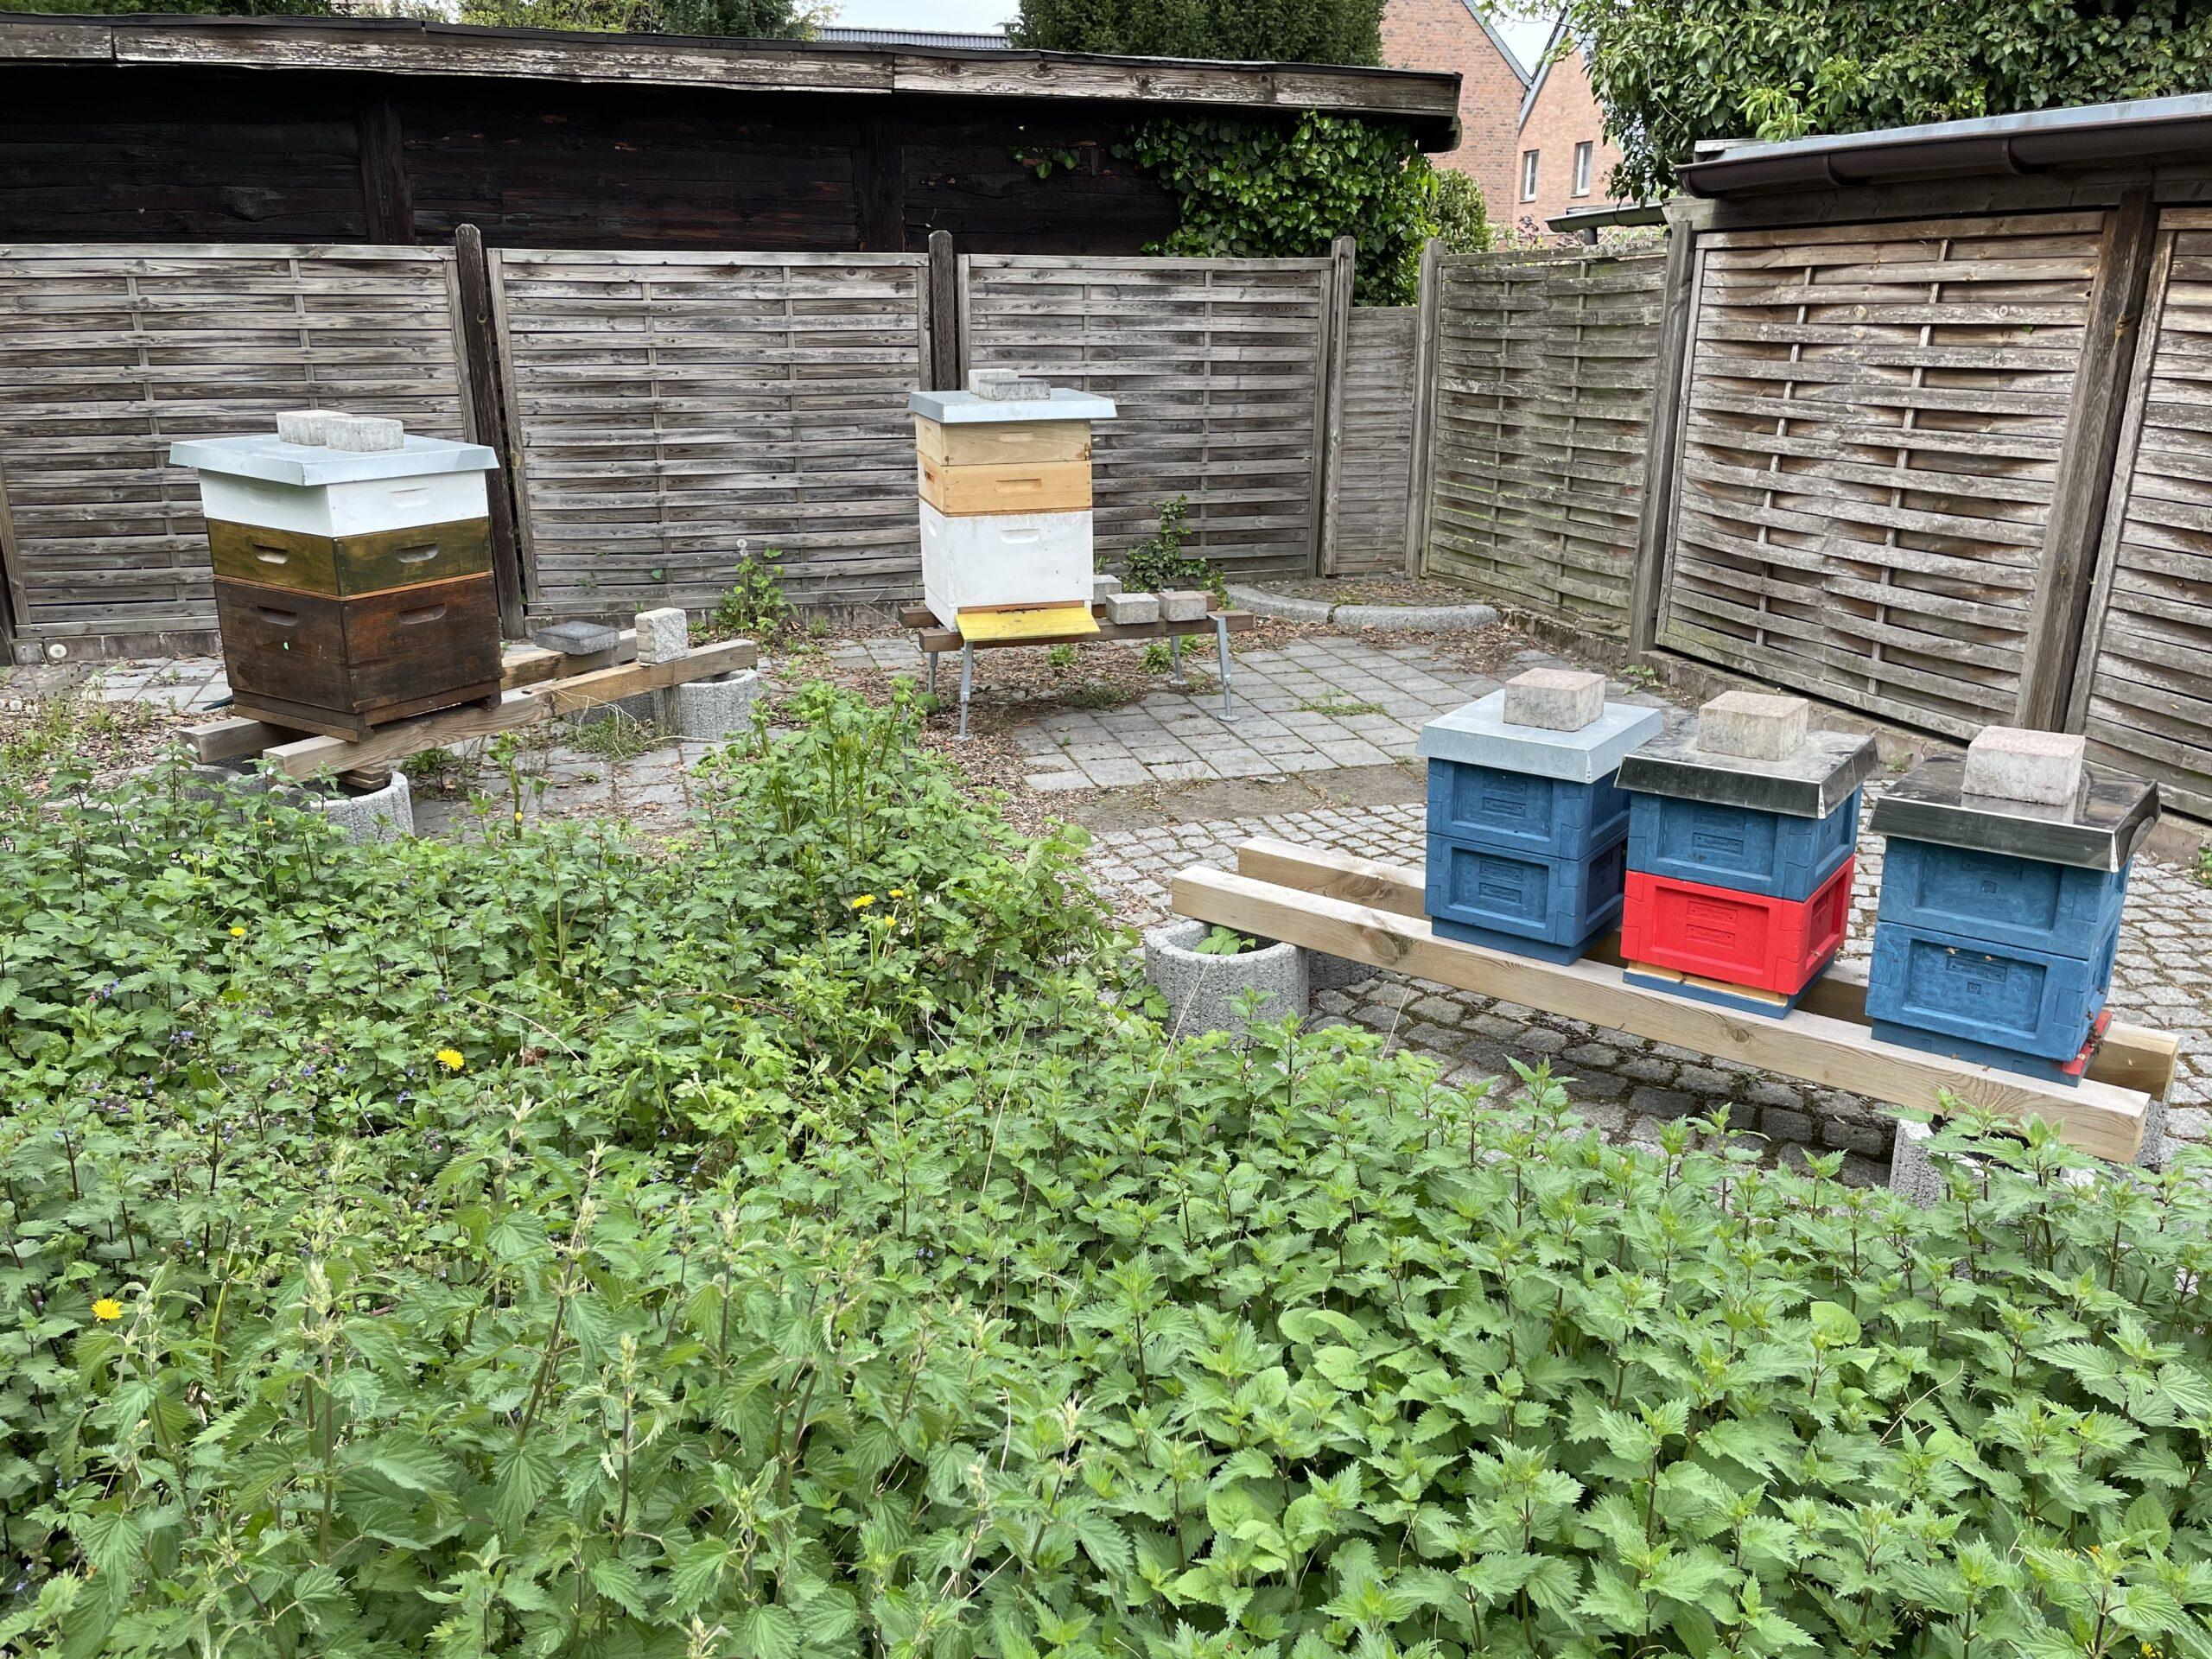 Bild nach der Völkervermehrung vom Bienenstand 2